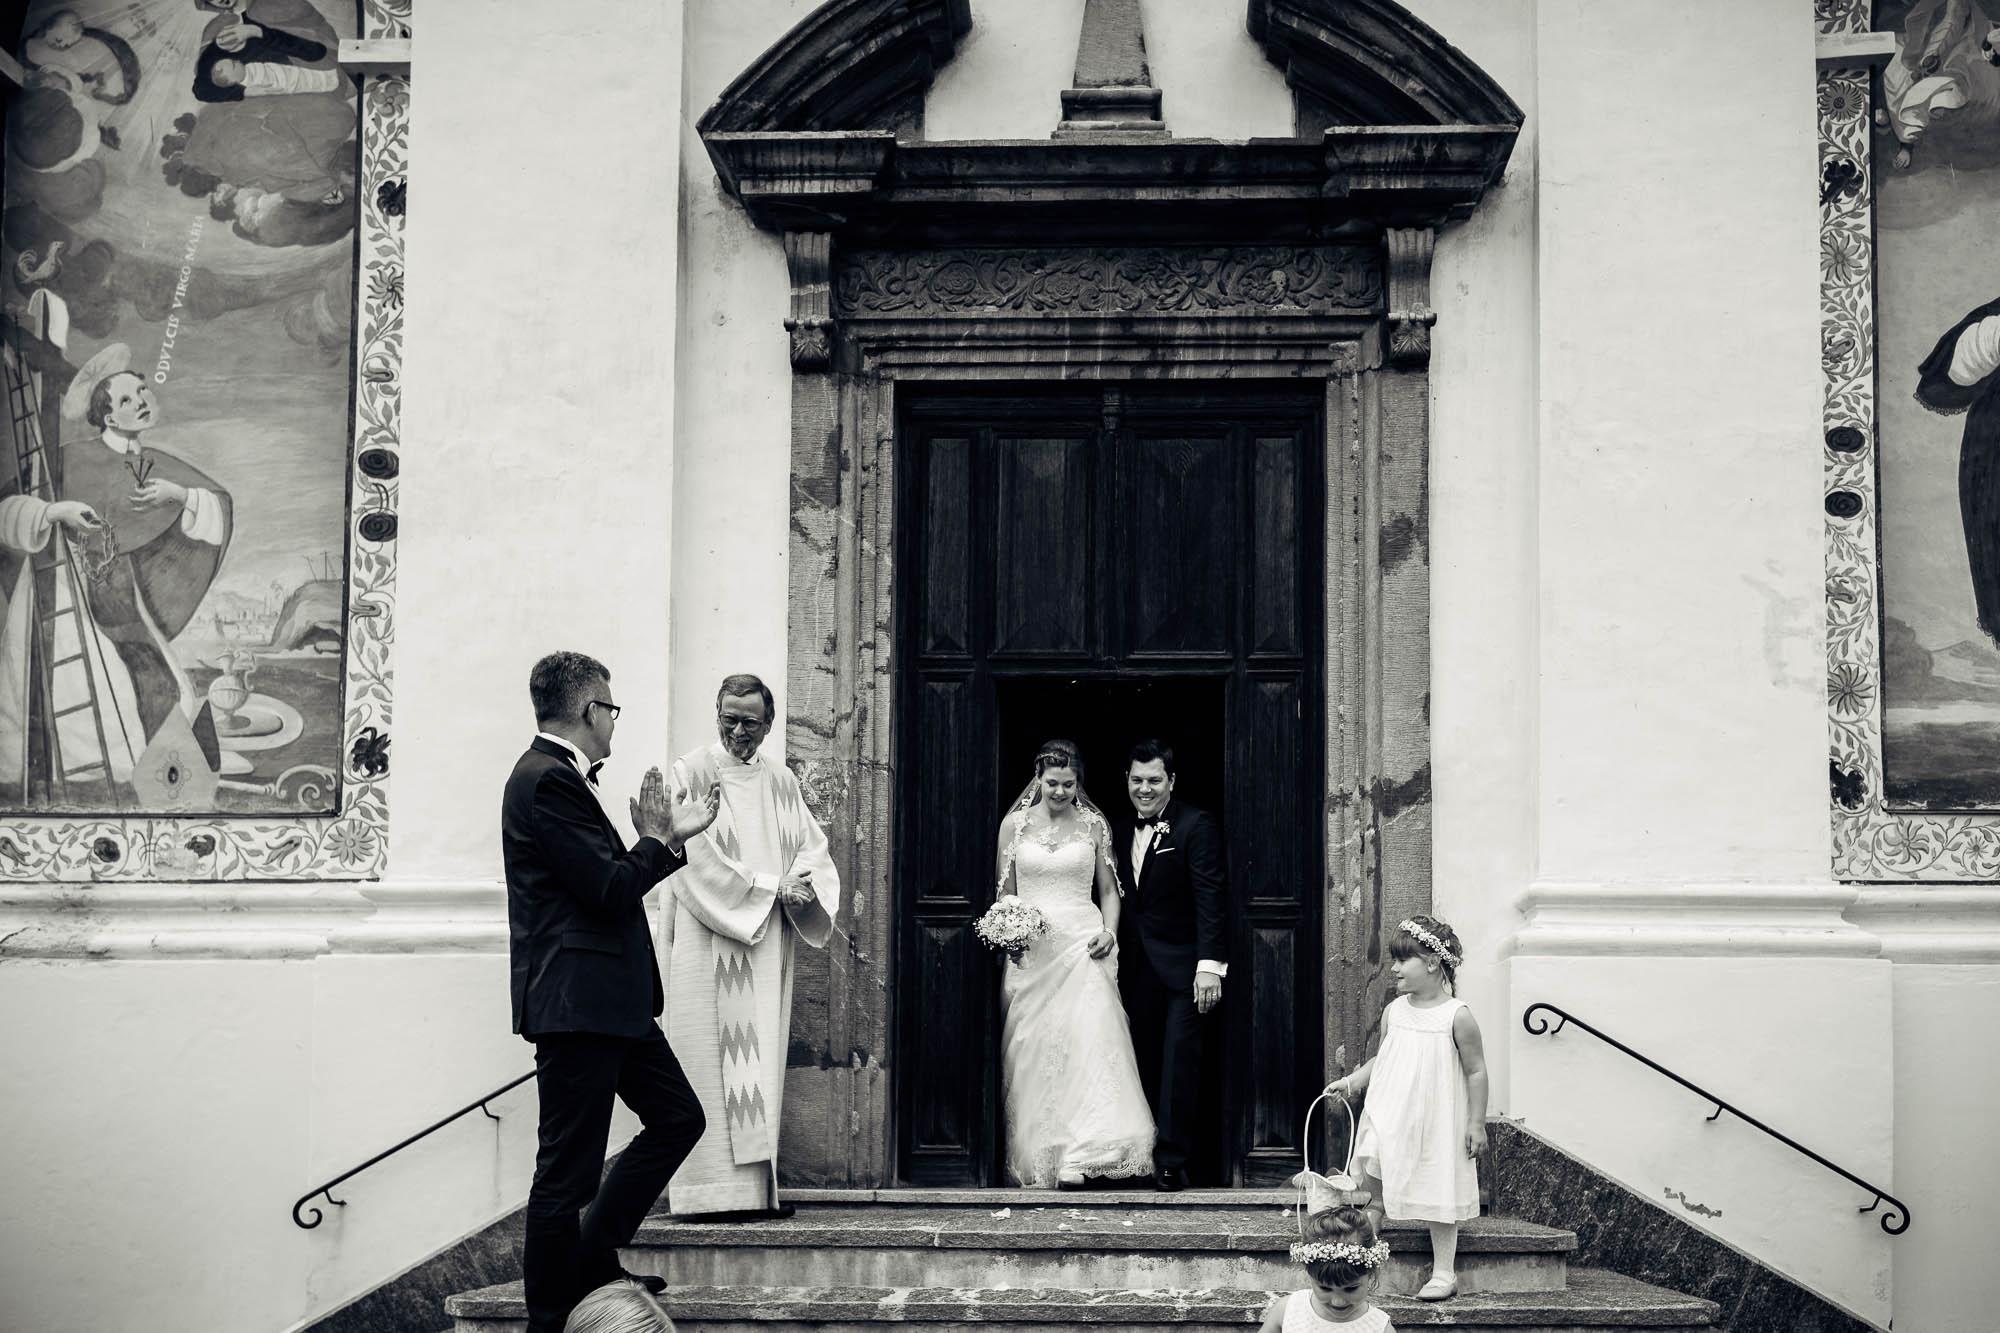 Brautpaar kommt aus Kirche raus